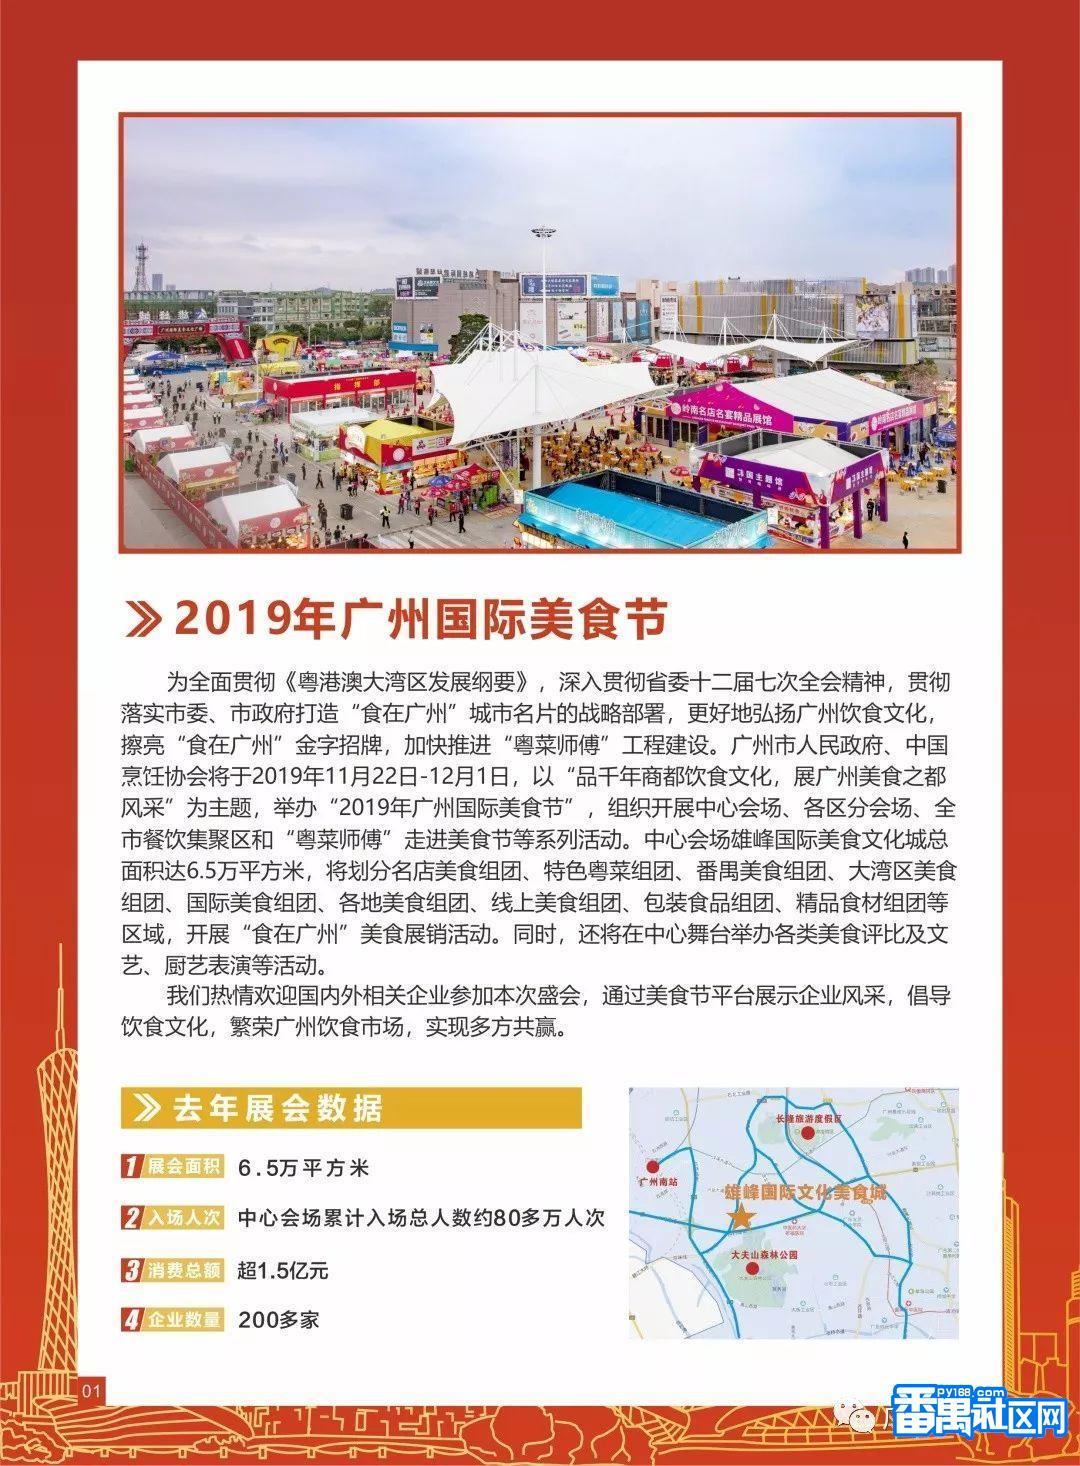 2019年广州国际美食节 摄影比赛 参赛具体细则一览